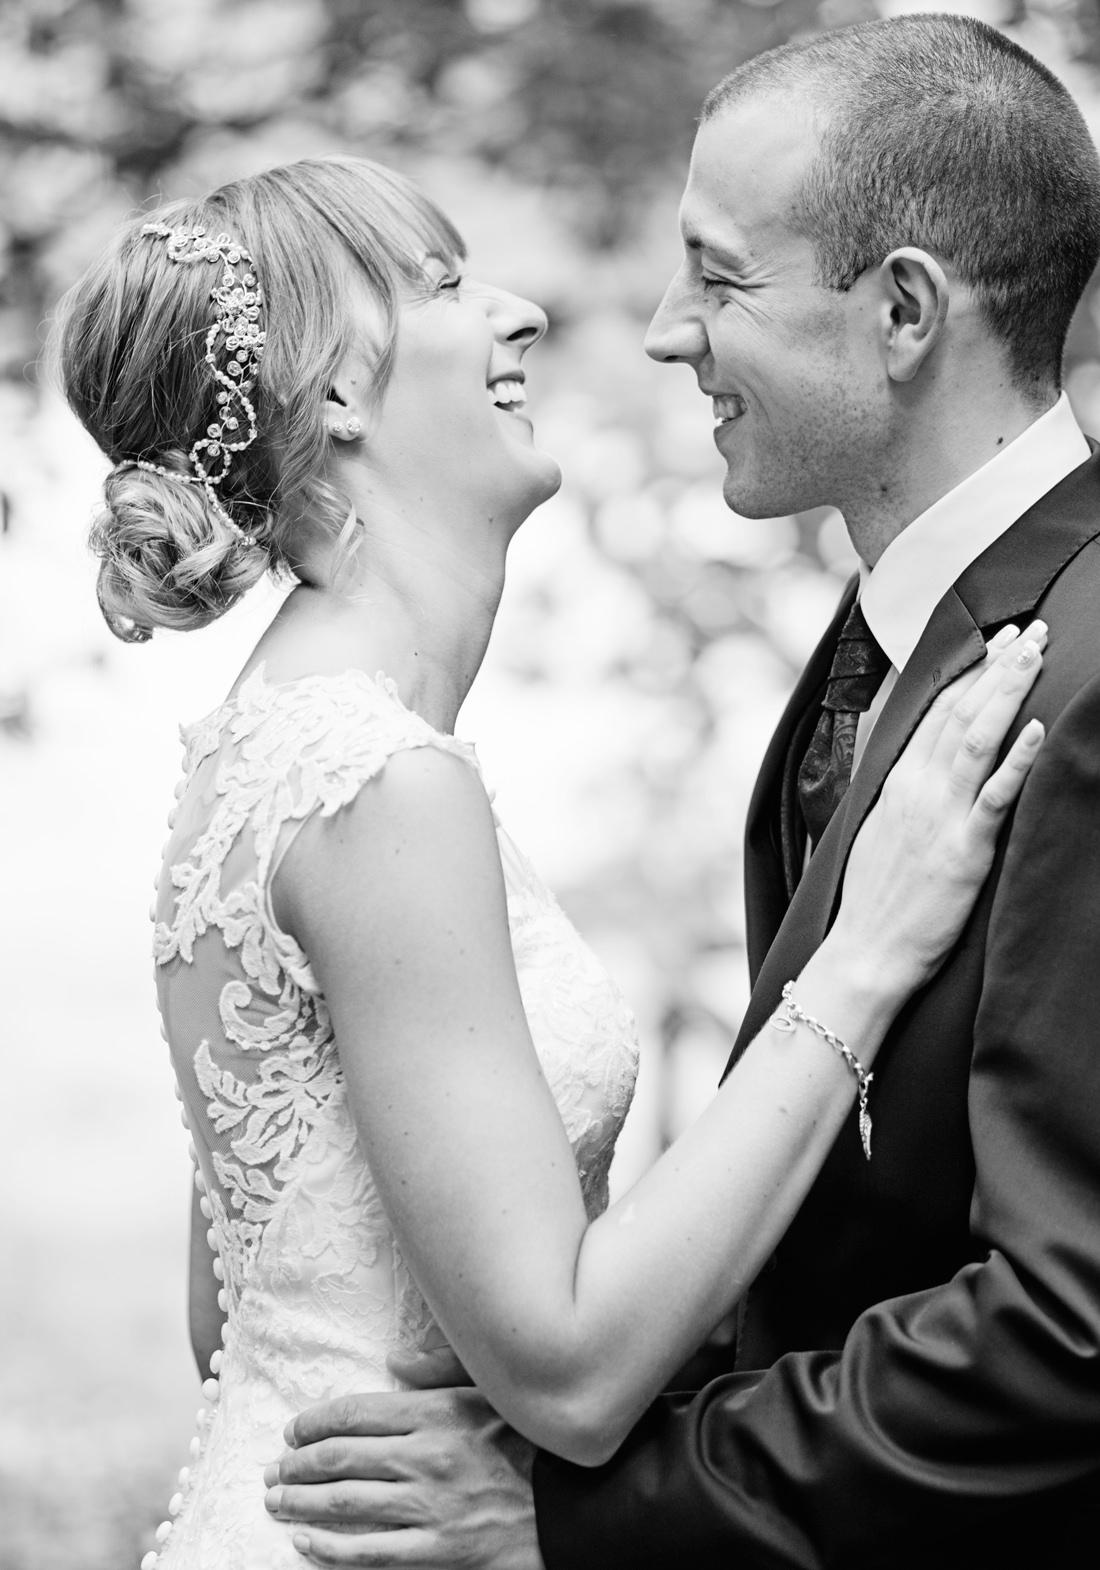 momentlichkeiten Hochzeit Brautpaar